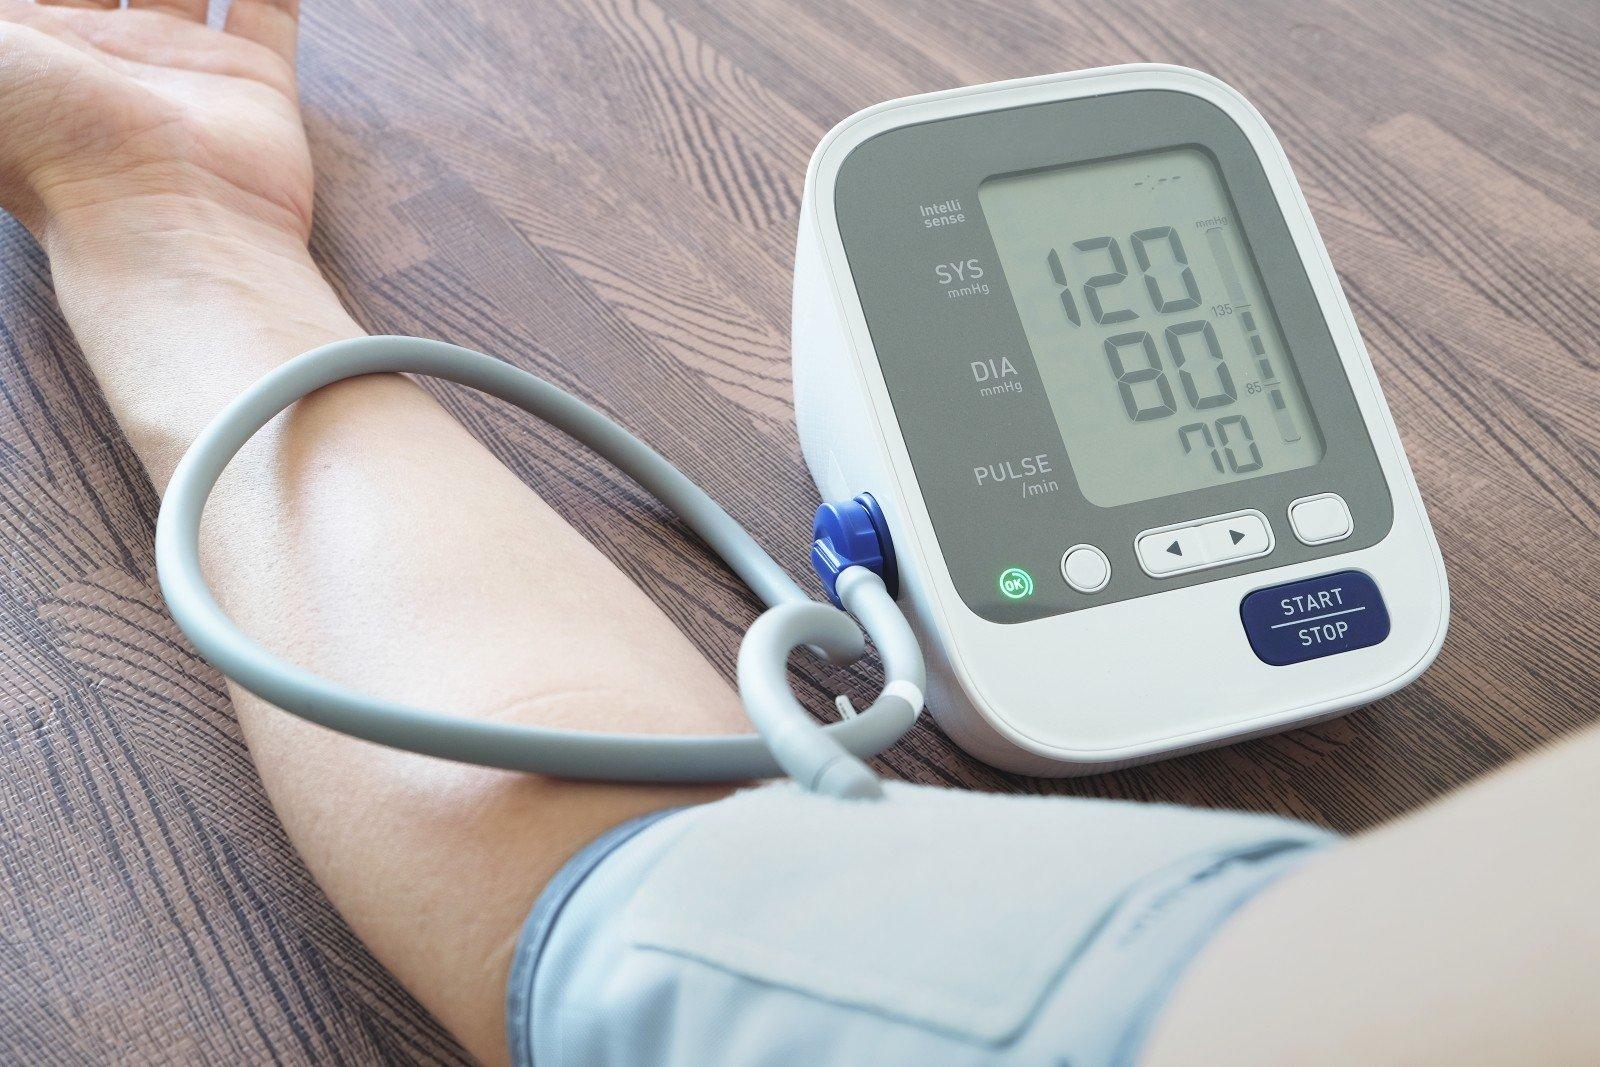 aukstas kraujo spaudimas pozymiai